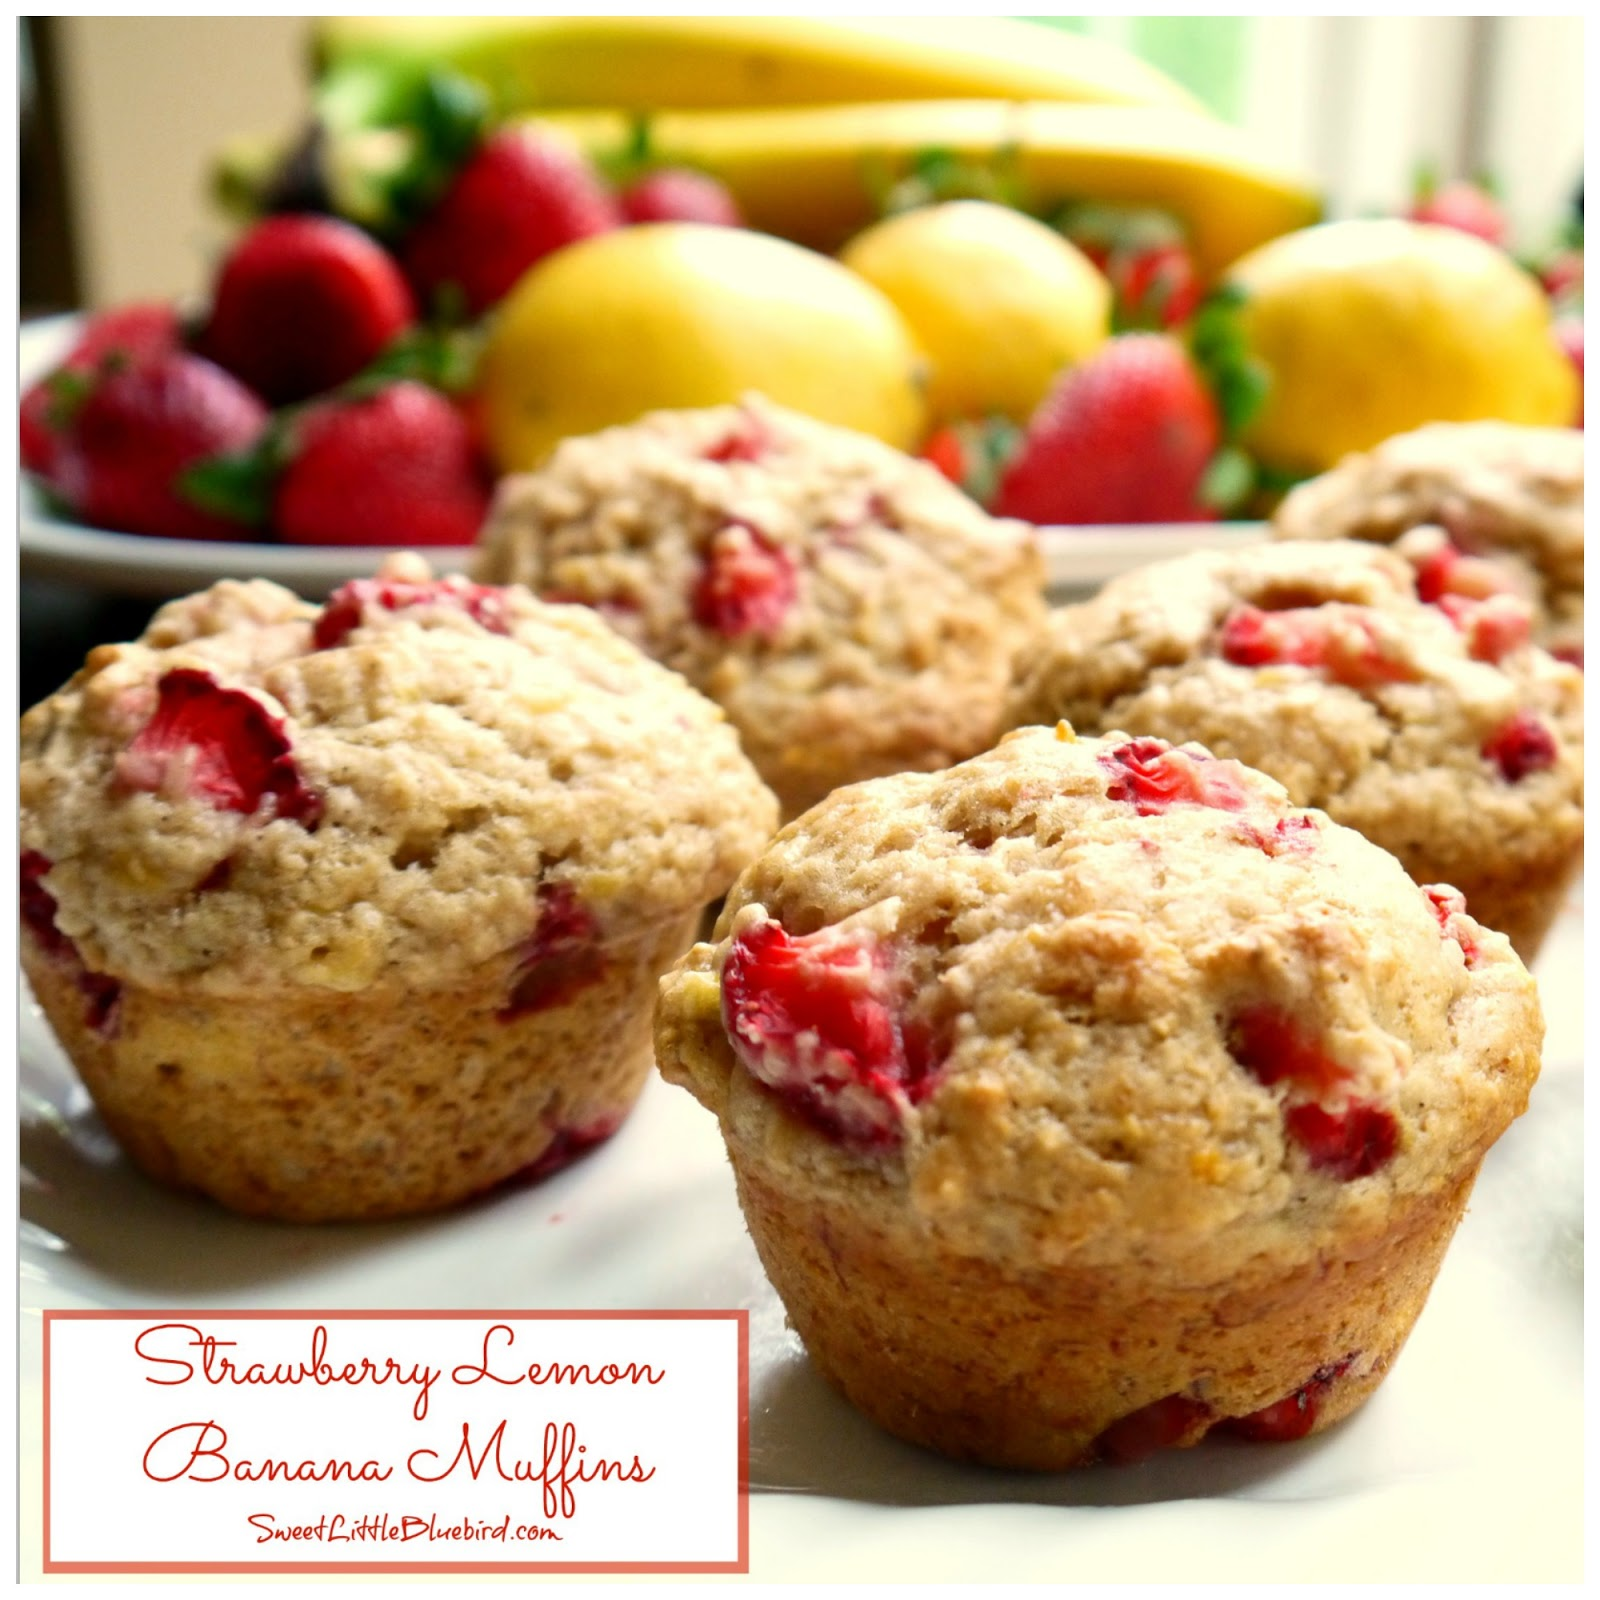 Strawberry Banana Muffins Strawberry Lemon Banana